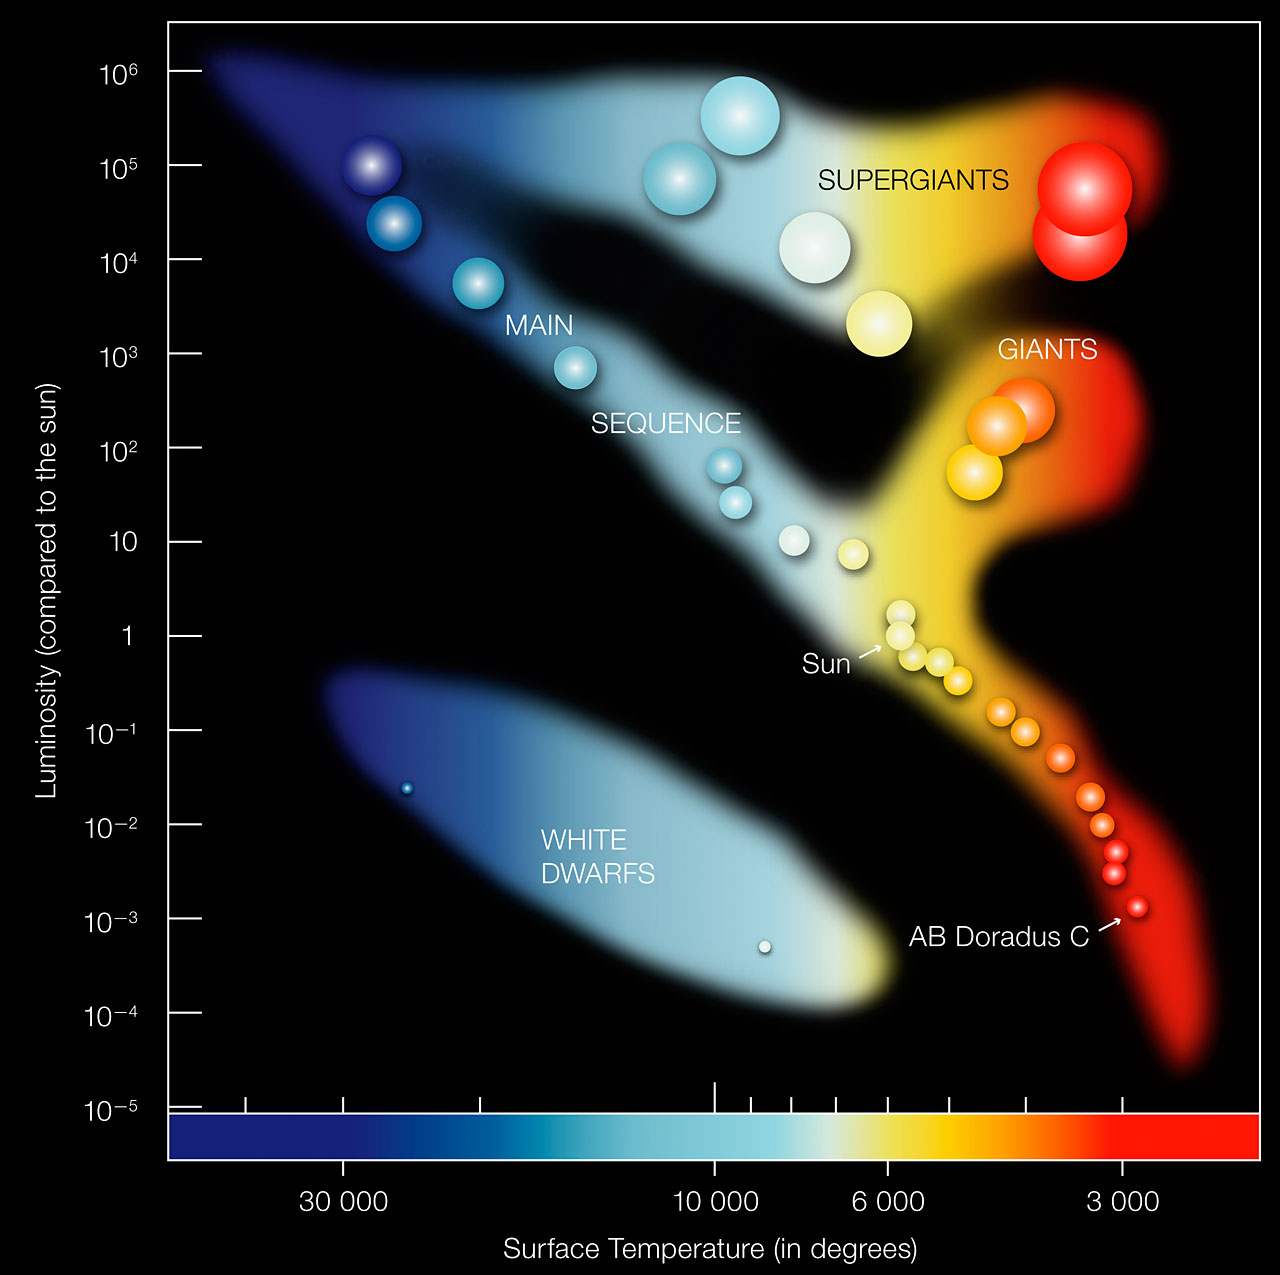 Hertzsprung Russell Diagram